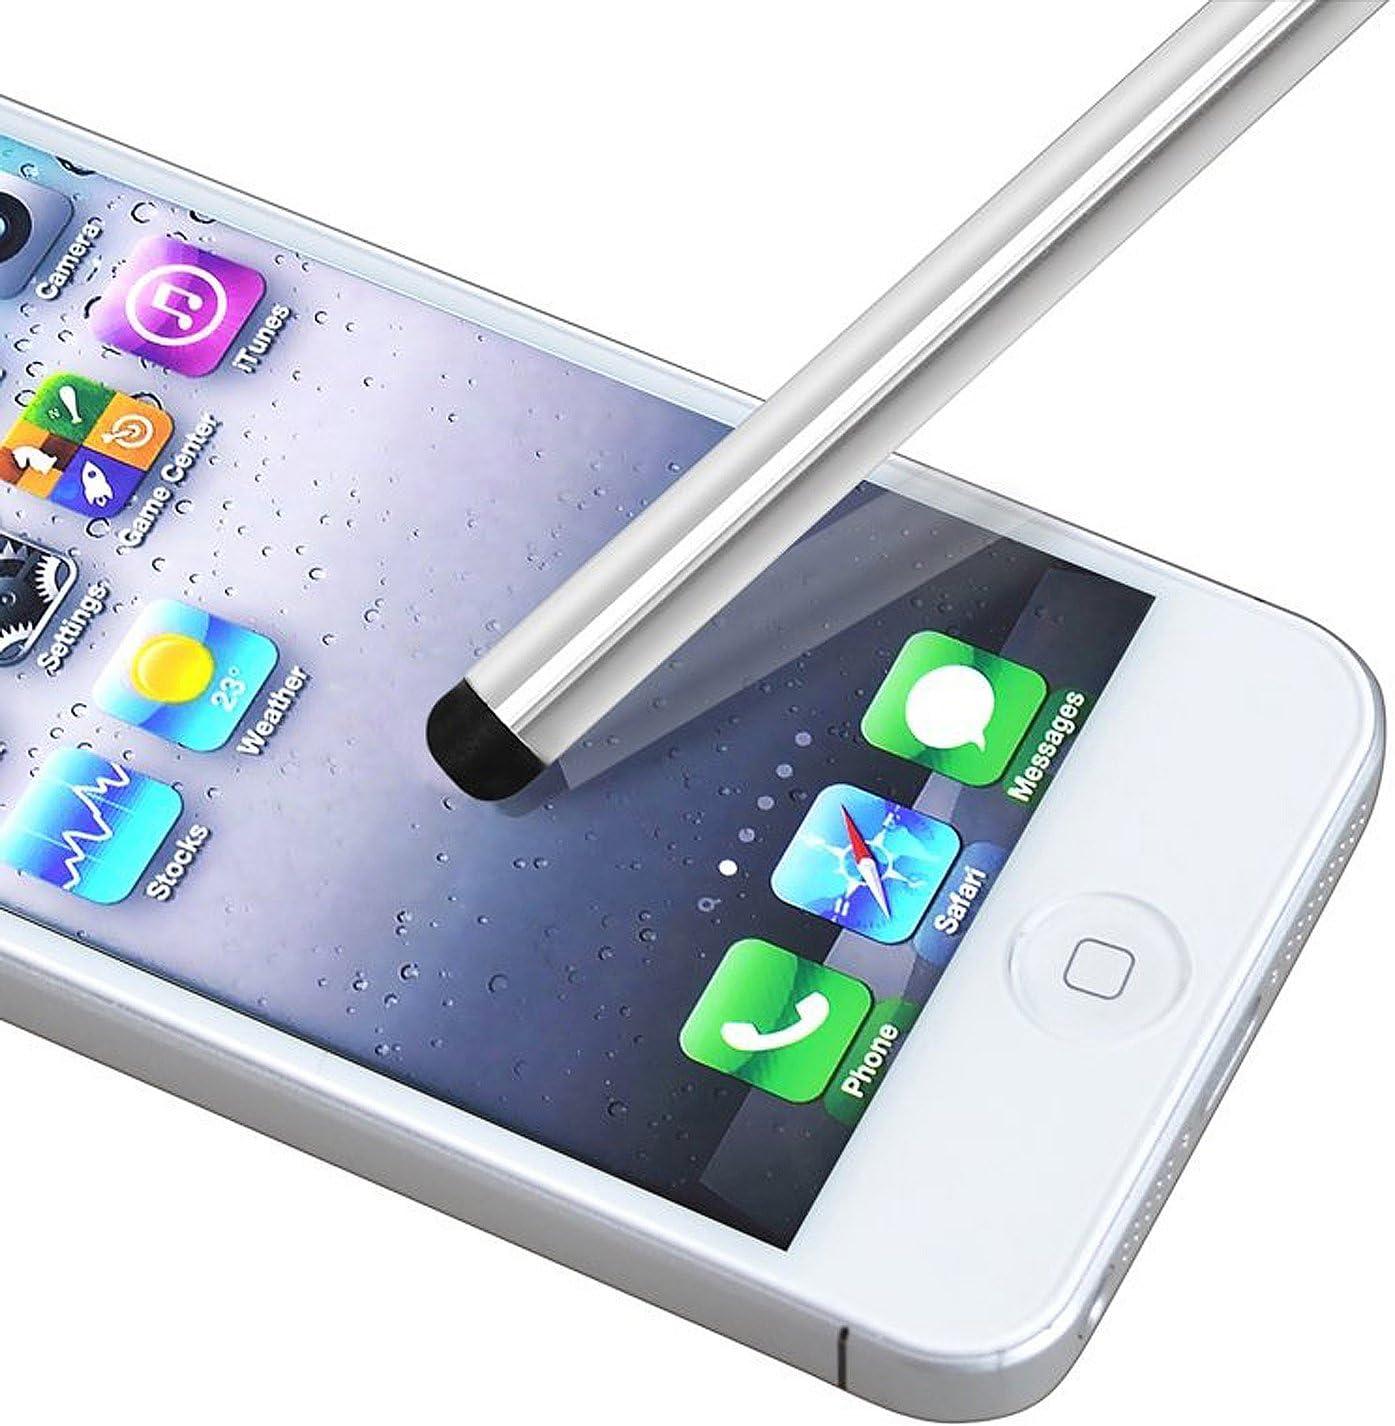 For Stylus Pen LG Vu CU920 Finger-touch Screen Silver